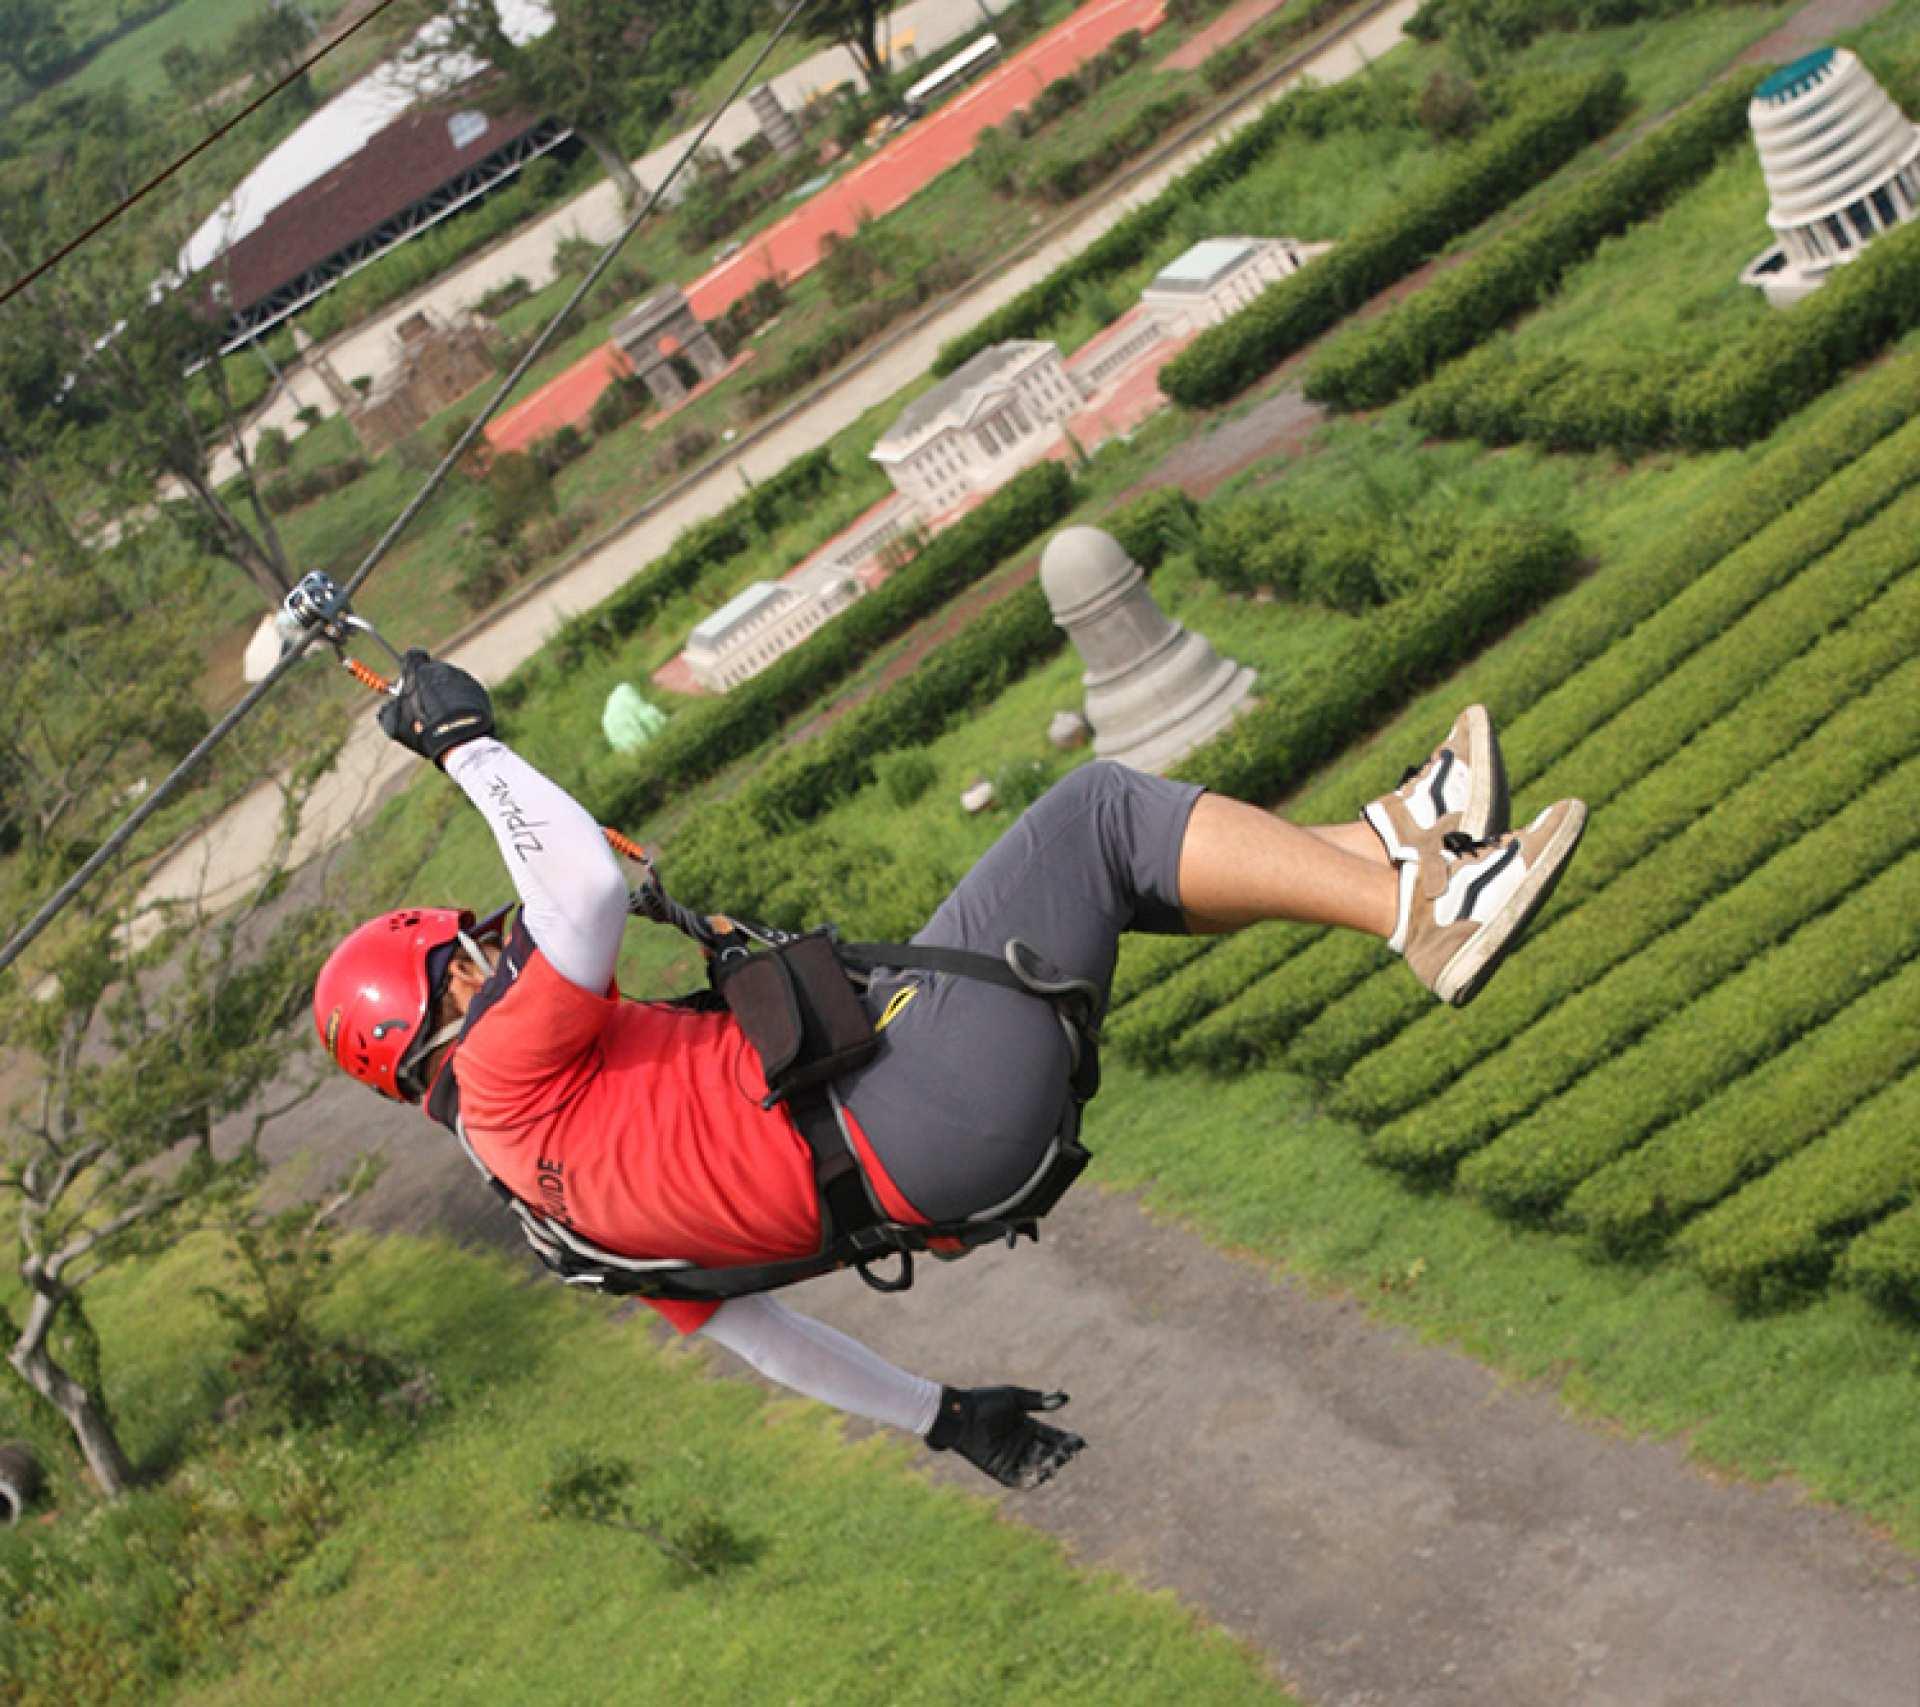 【濟州島高空快感】Zip Line 高空滑索體驗